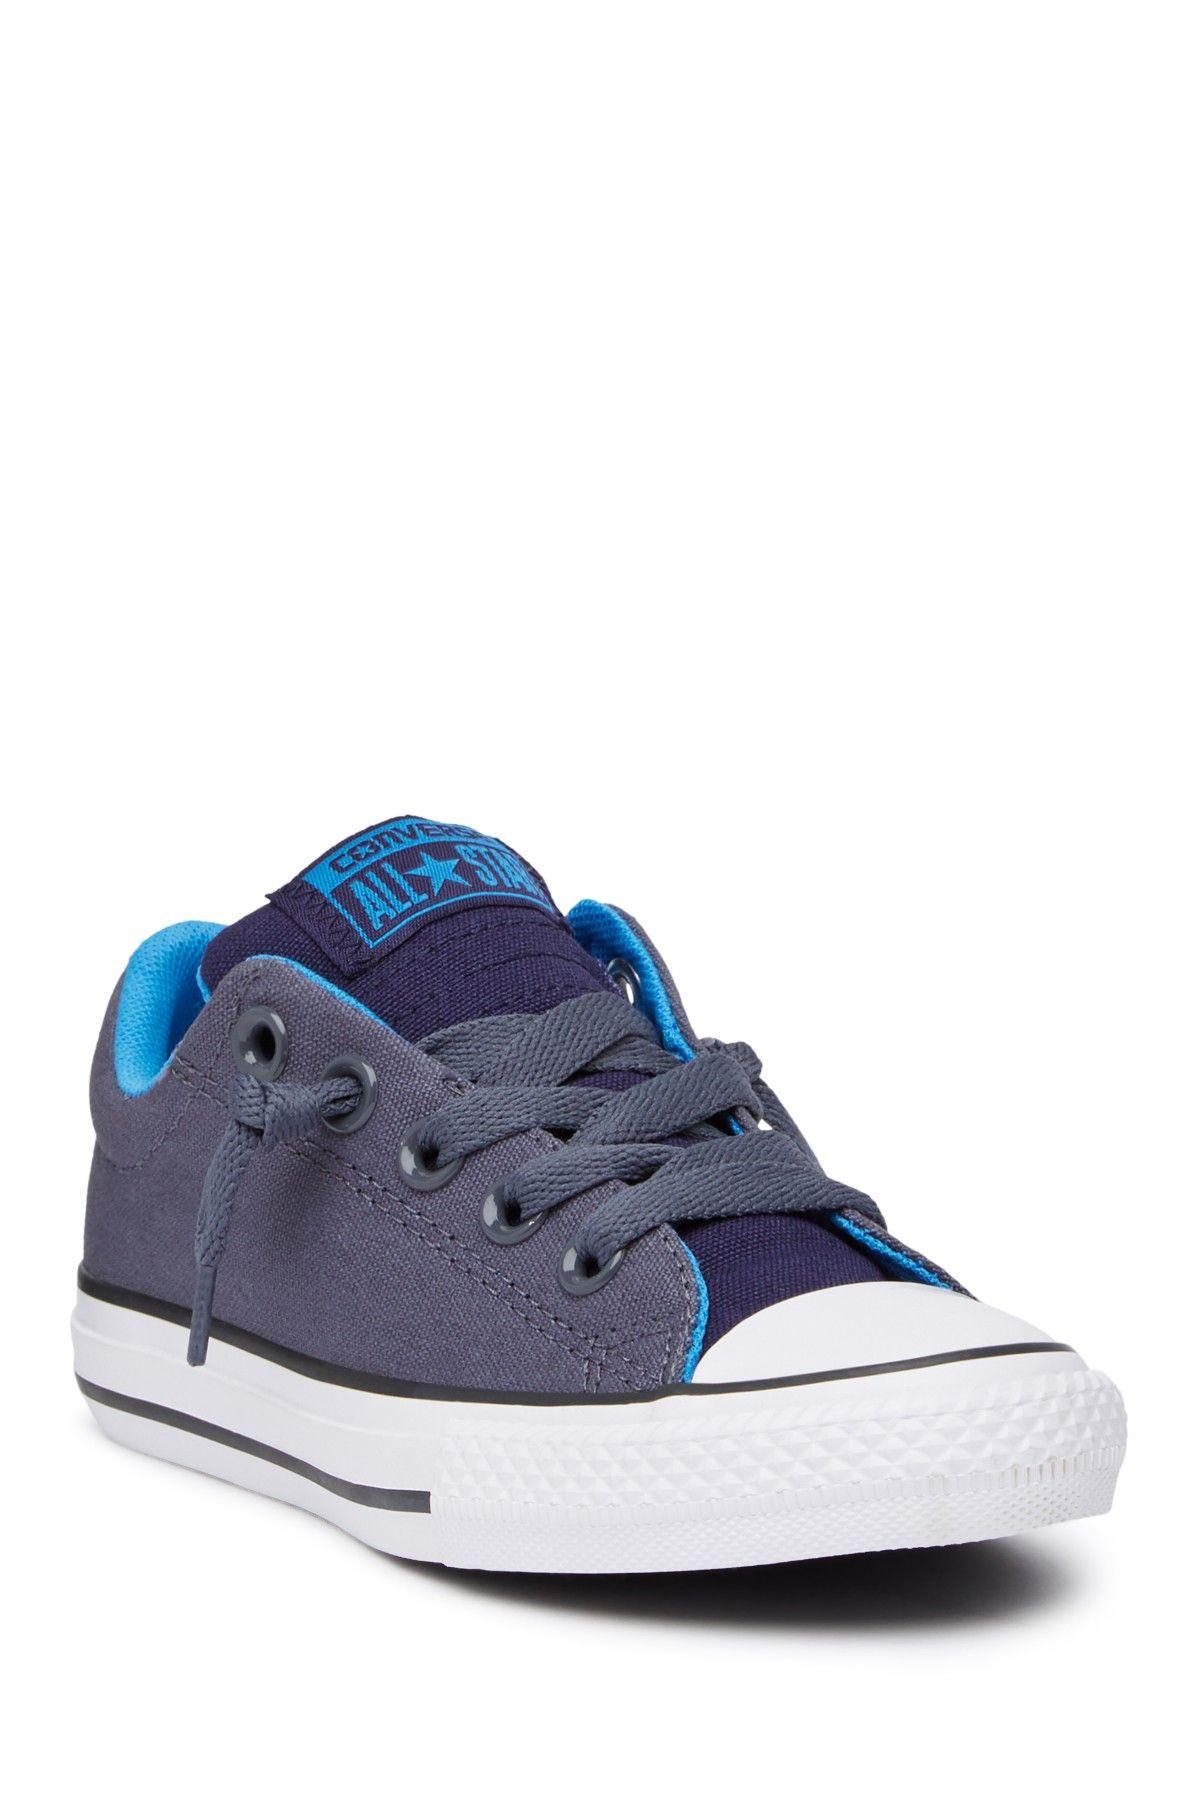 fb1254e3d60f Chuck Taylor All Star Slip-On Sneaker (Little Kid   Big Kid ...